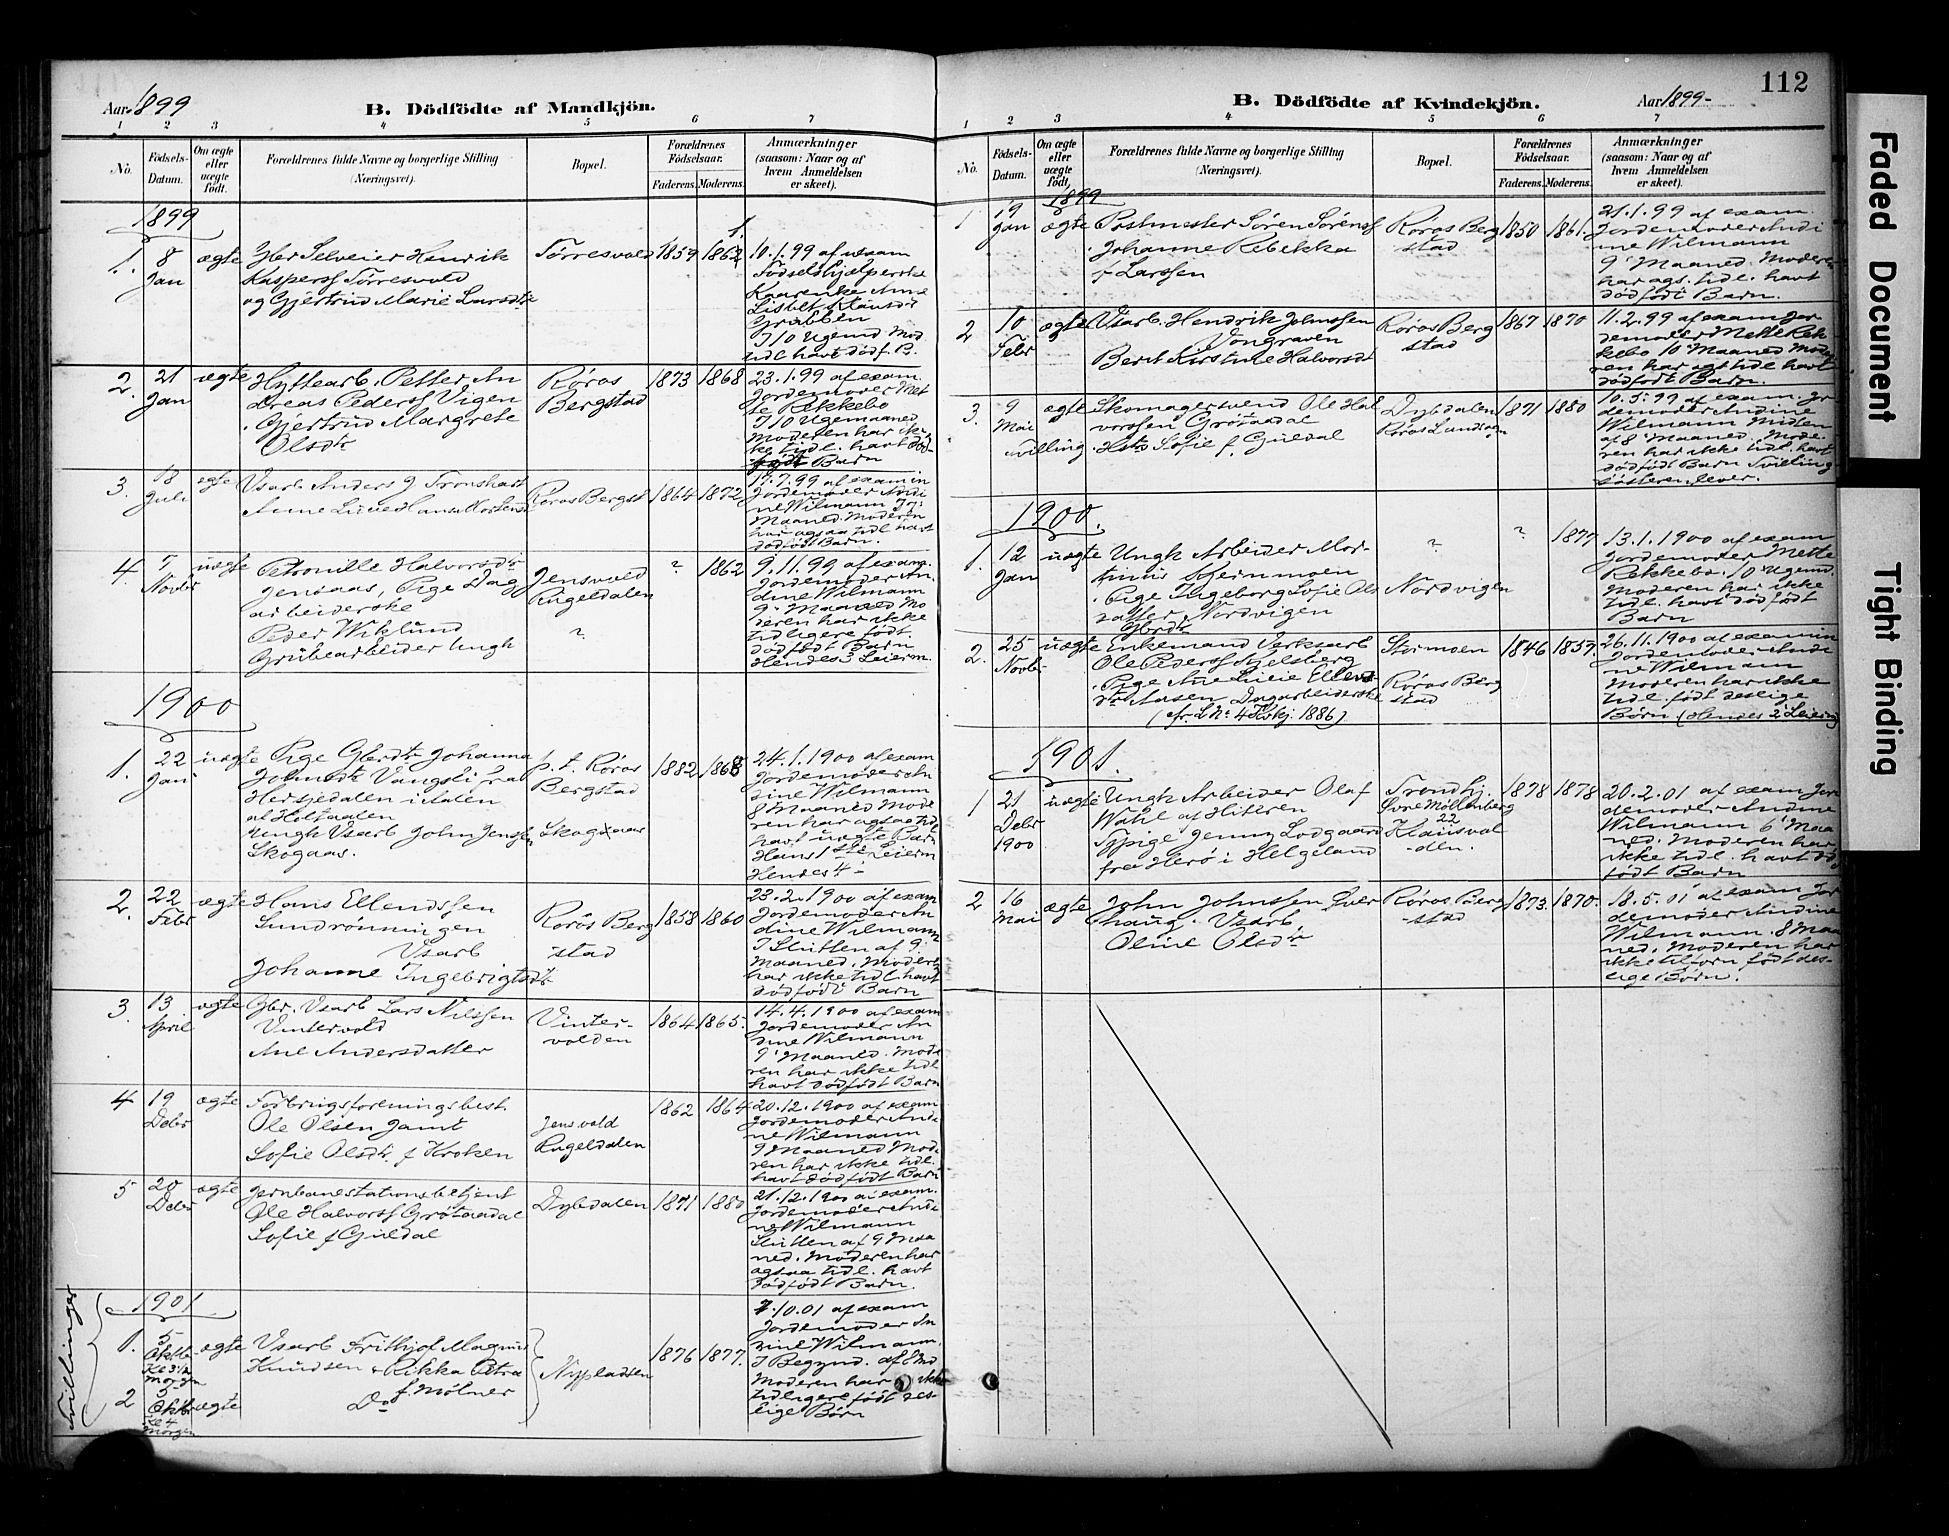 SAT, Ministerialprotokoller, klokkerbøker og fødselsregistre - Sør-Trøndelag, 681/L0936: Ministerialbok nr. 681A14, 1899-1908, s. 112